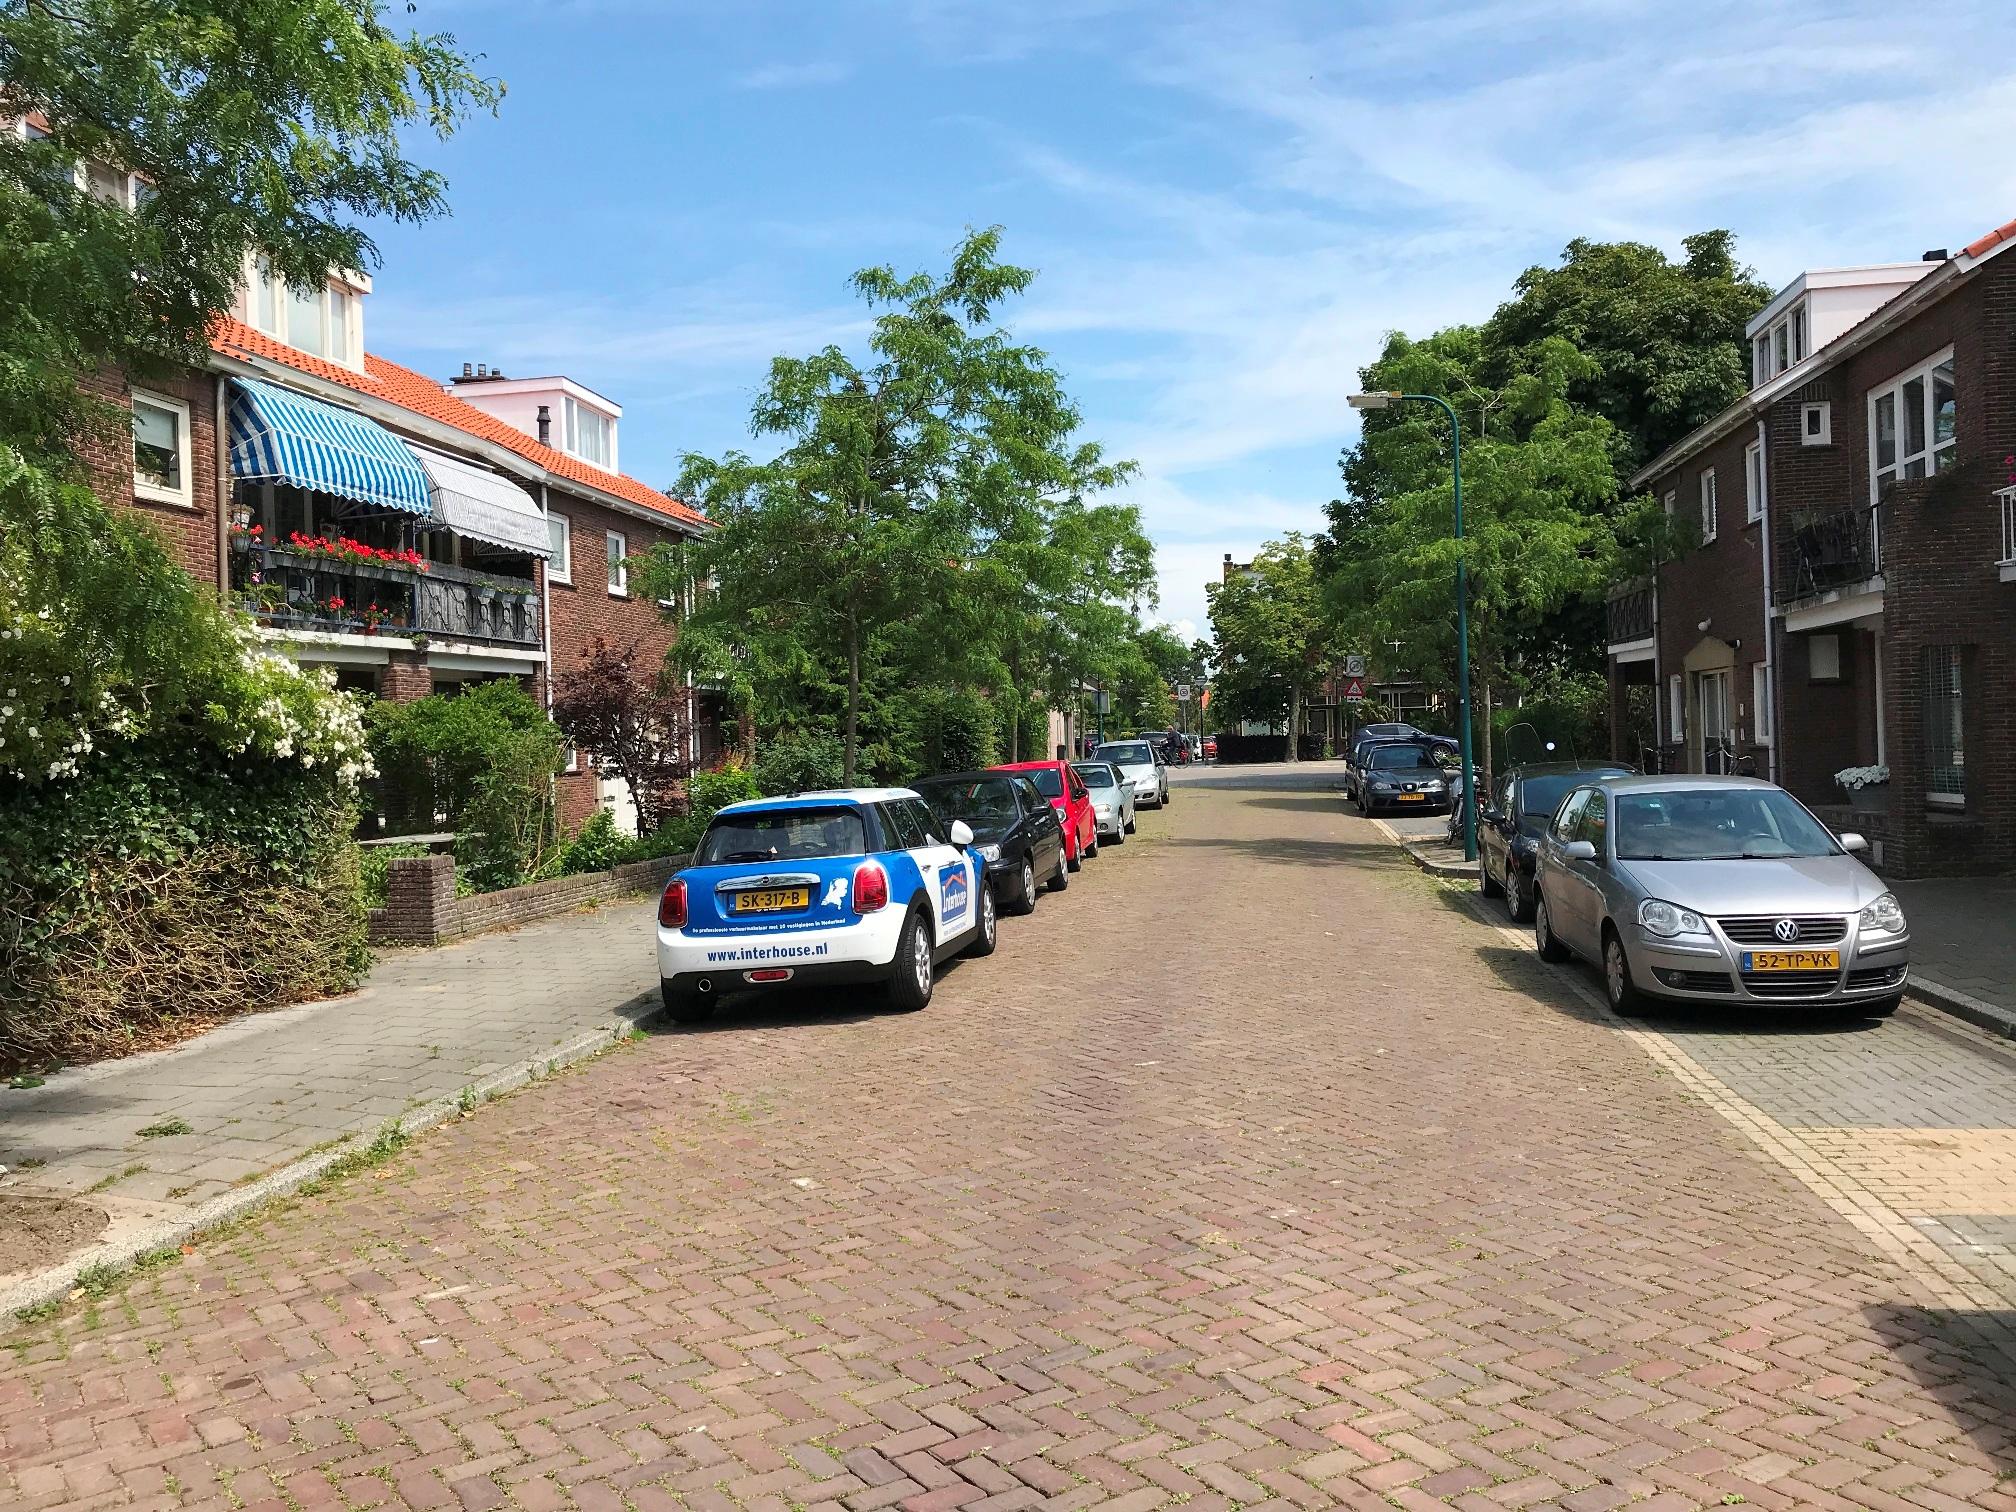 Van Wassenaerlaan